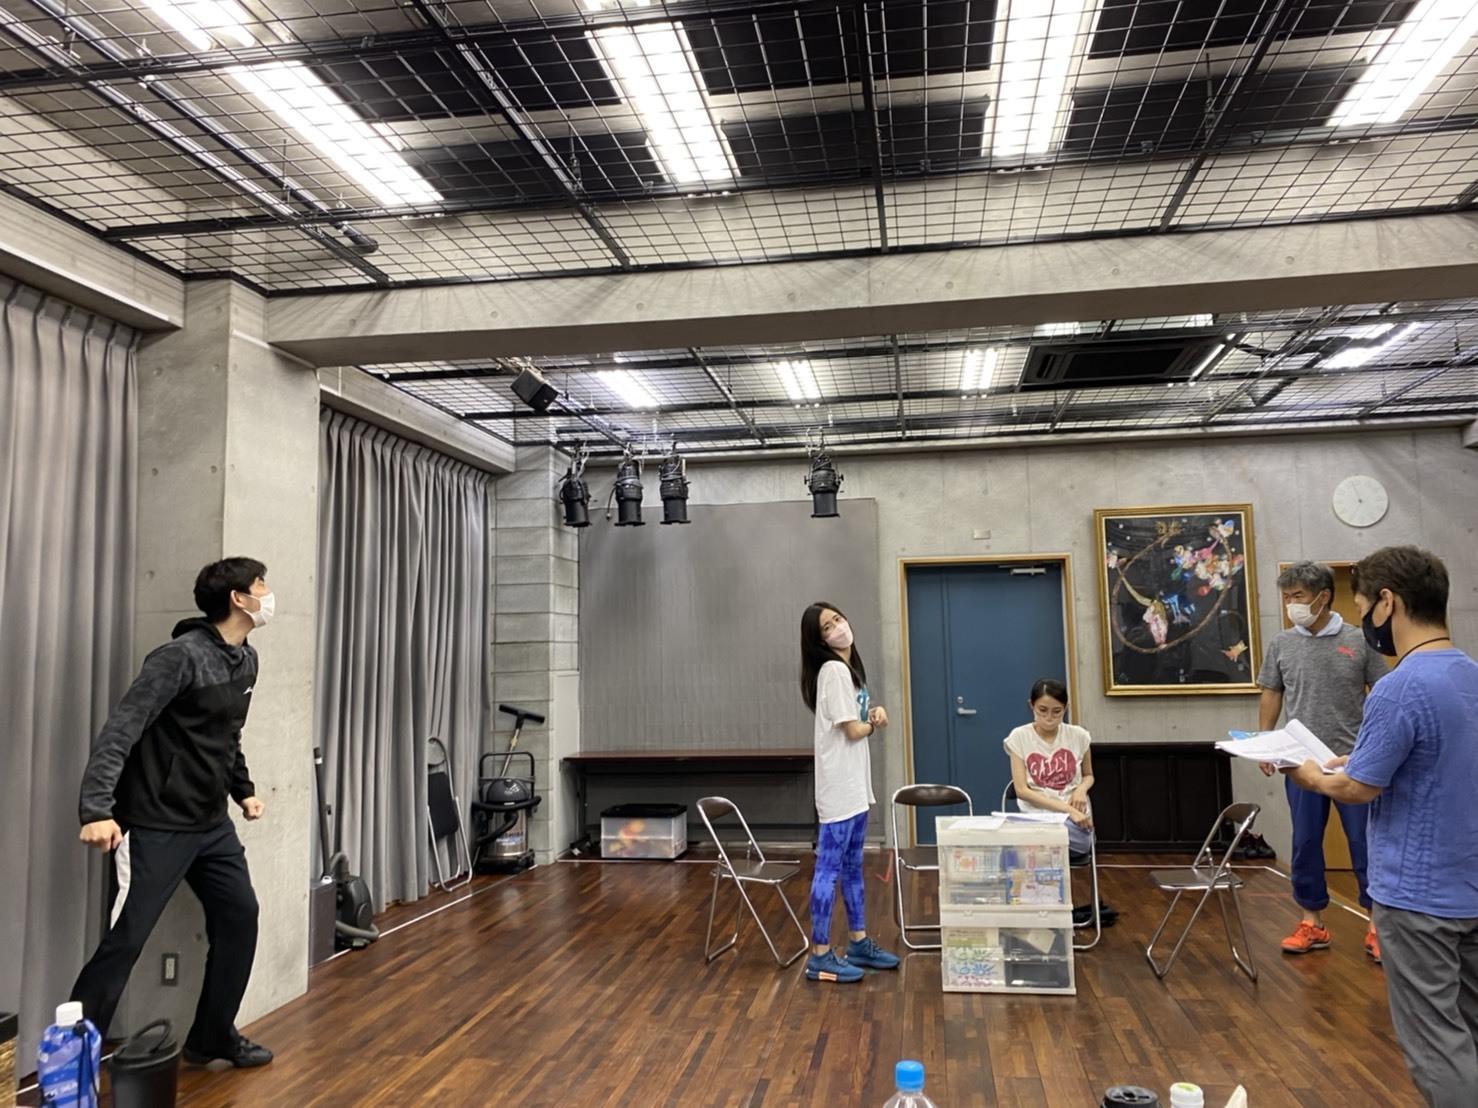 安西正弘追悼公演_a0163623_08593827.jpg